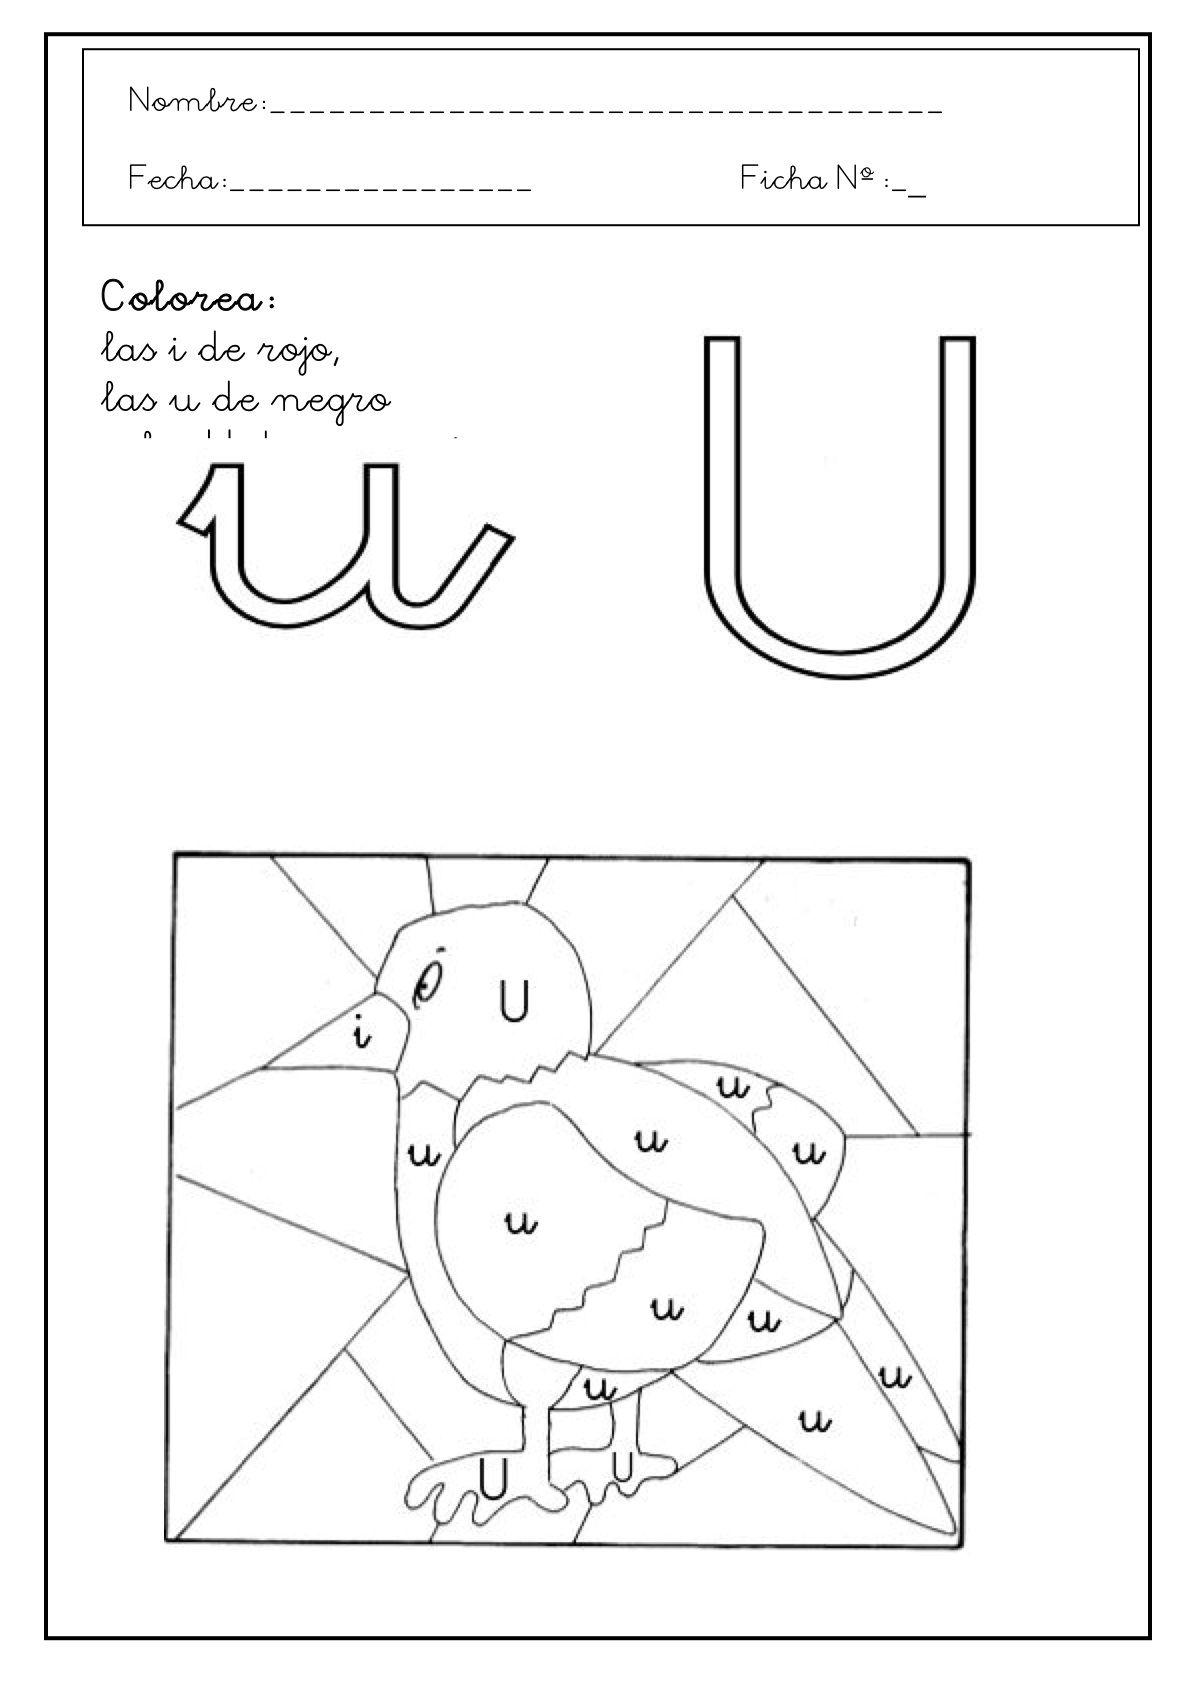 Grafomotricidad Letras Abecedario Vocales Fichas Grafomotricidad Letras Grafomotricidad